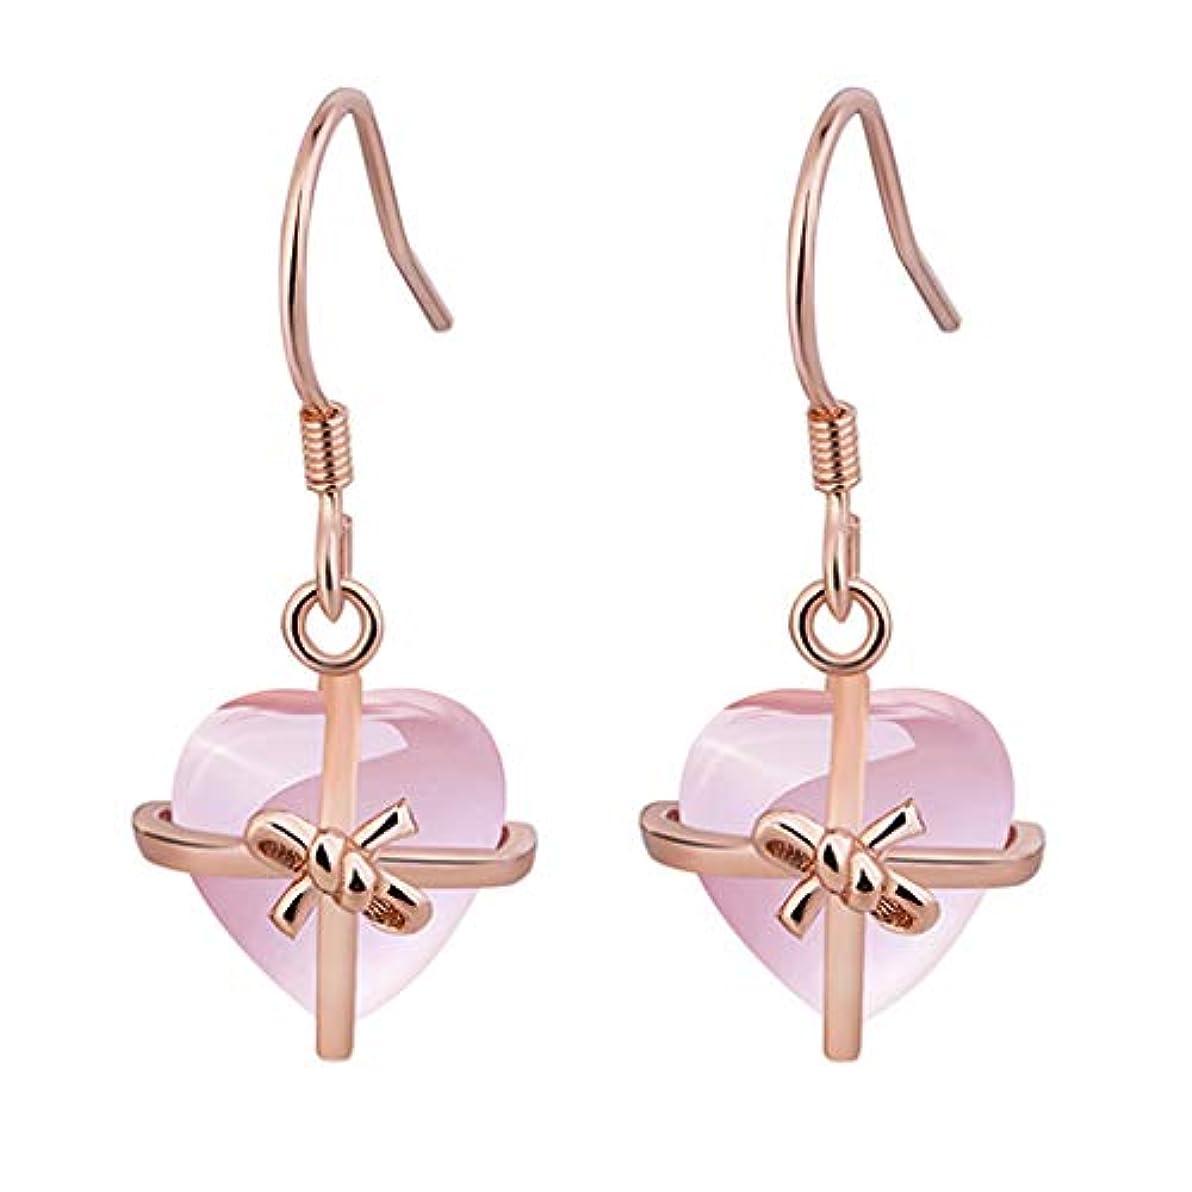 寝室を掃除するささいなマットレスNicircle 女性ナチュラルハートピンクローズ925スタンダードシルバージュエリーイヤリング ピンクのバラ Women Natural Heart Pink Rose 925 Standard Silver Jewelry...